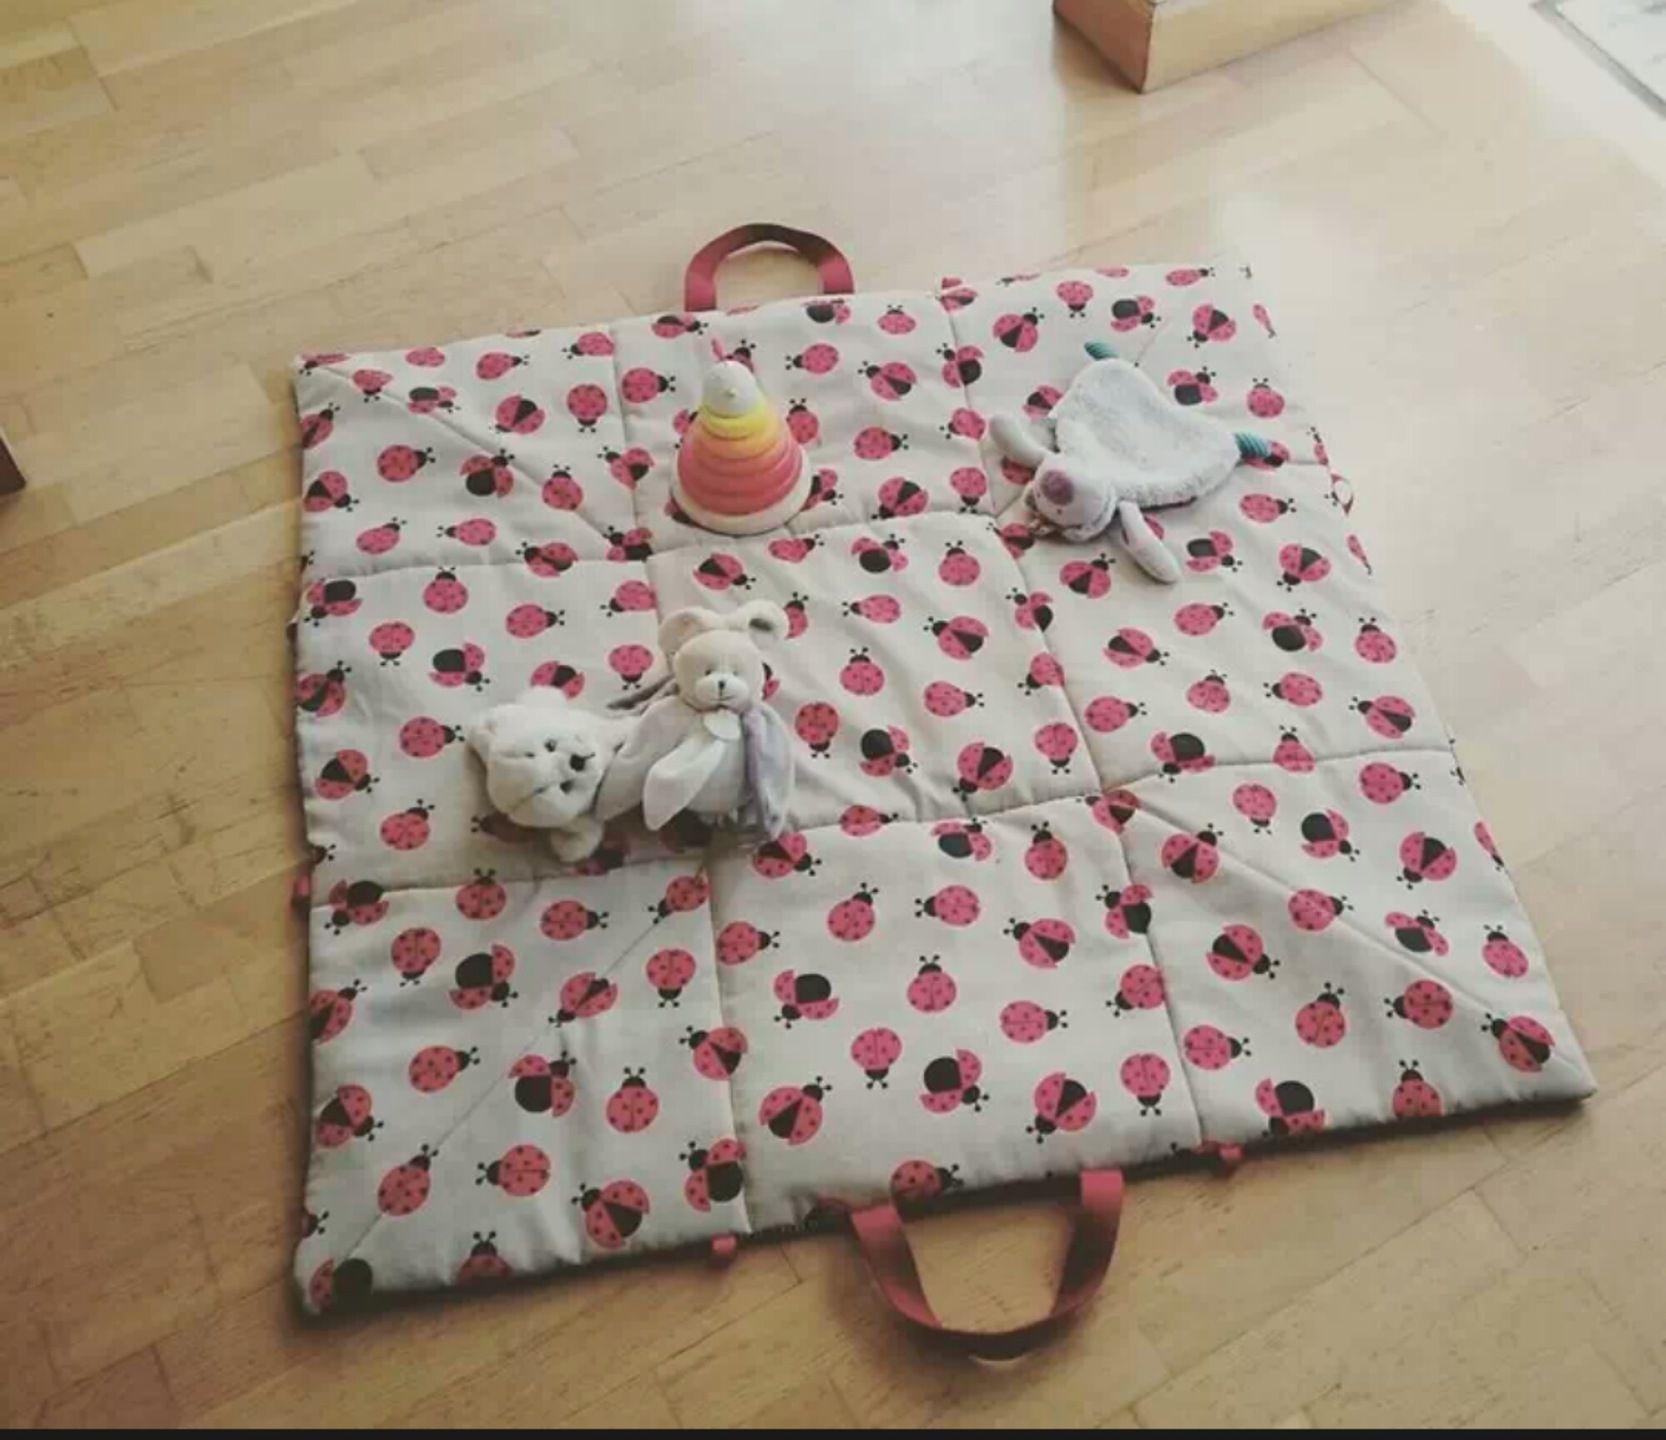 tapis de jeu nomade 120X120 cm bébé . Réalisé sur commande : Jeux, peluches, doudous par mamzelle-fee